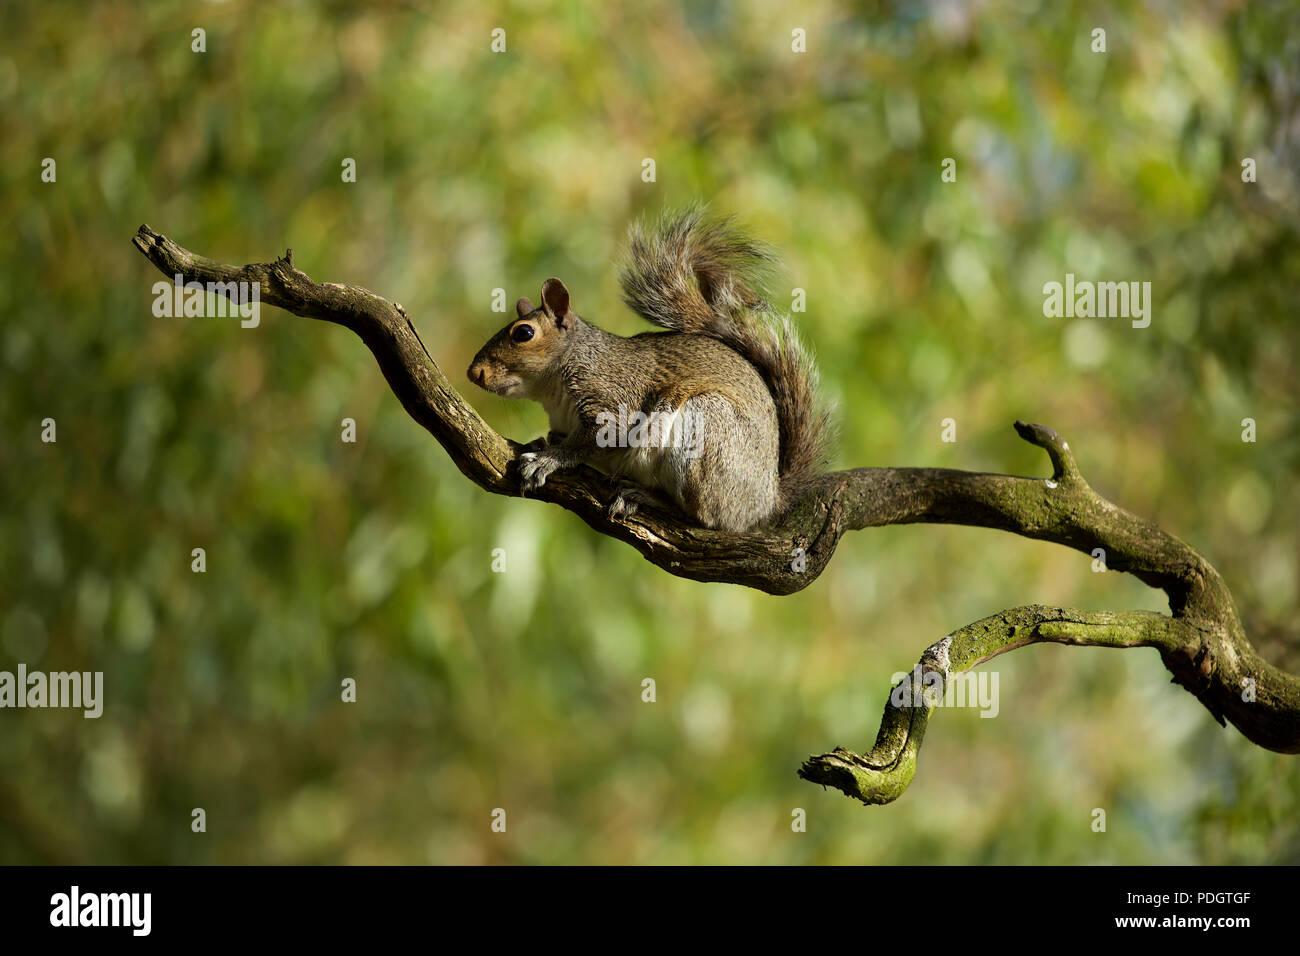 Écureuil gris pris dans l'ouvert sur cette branche de l'arbre noueux Photo Stock